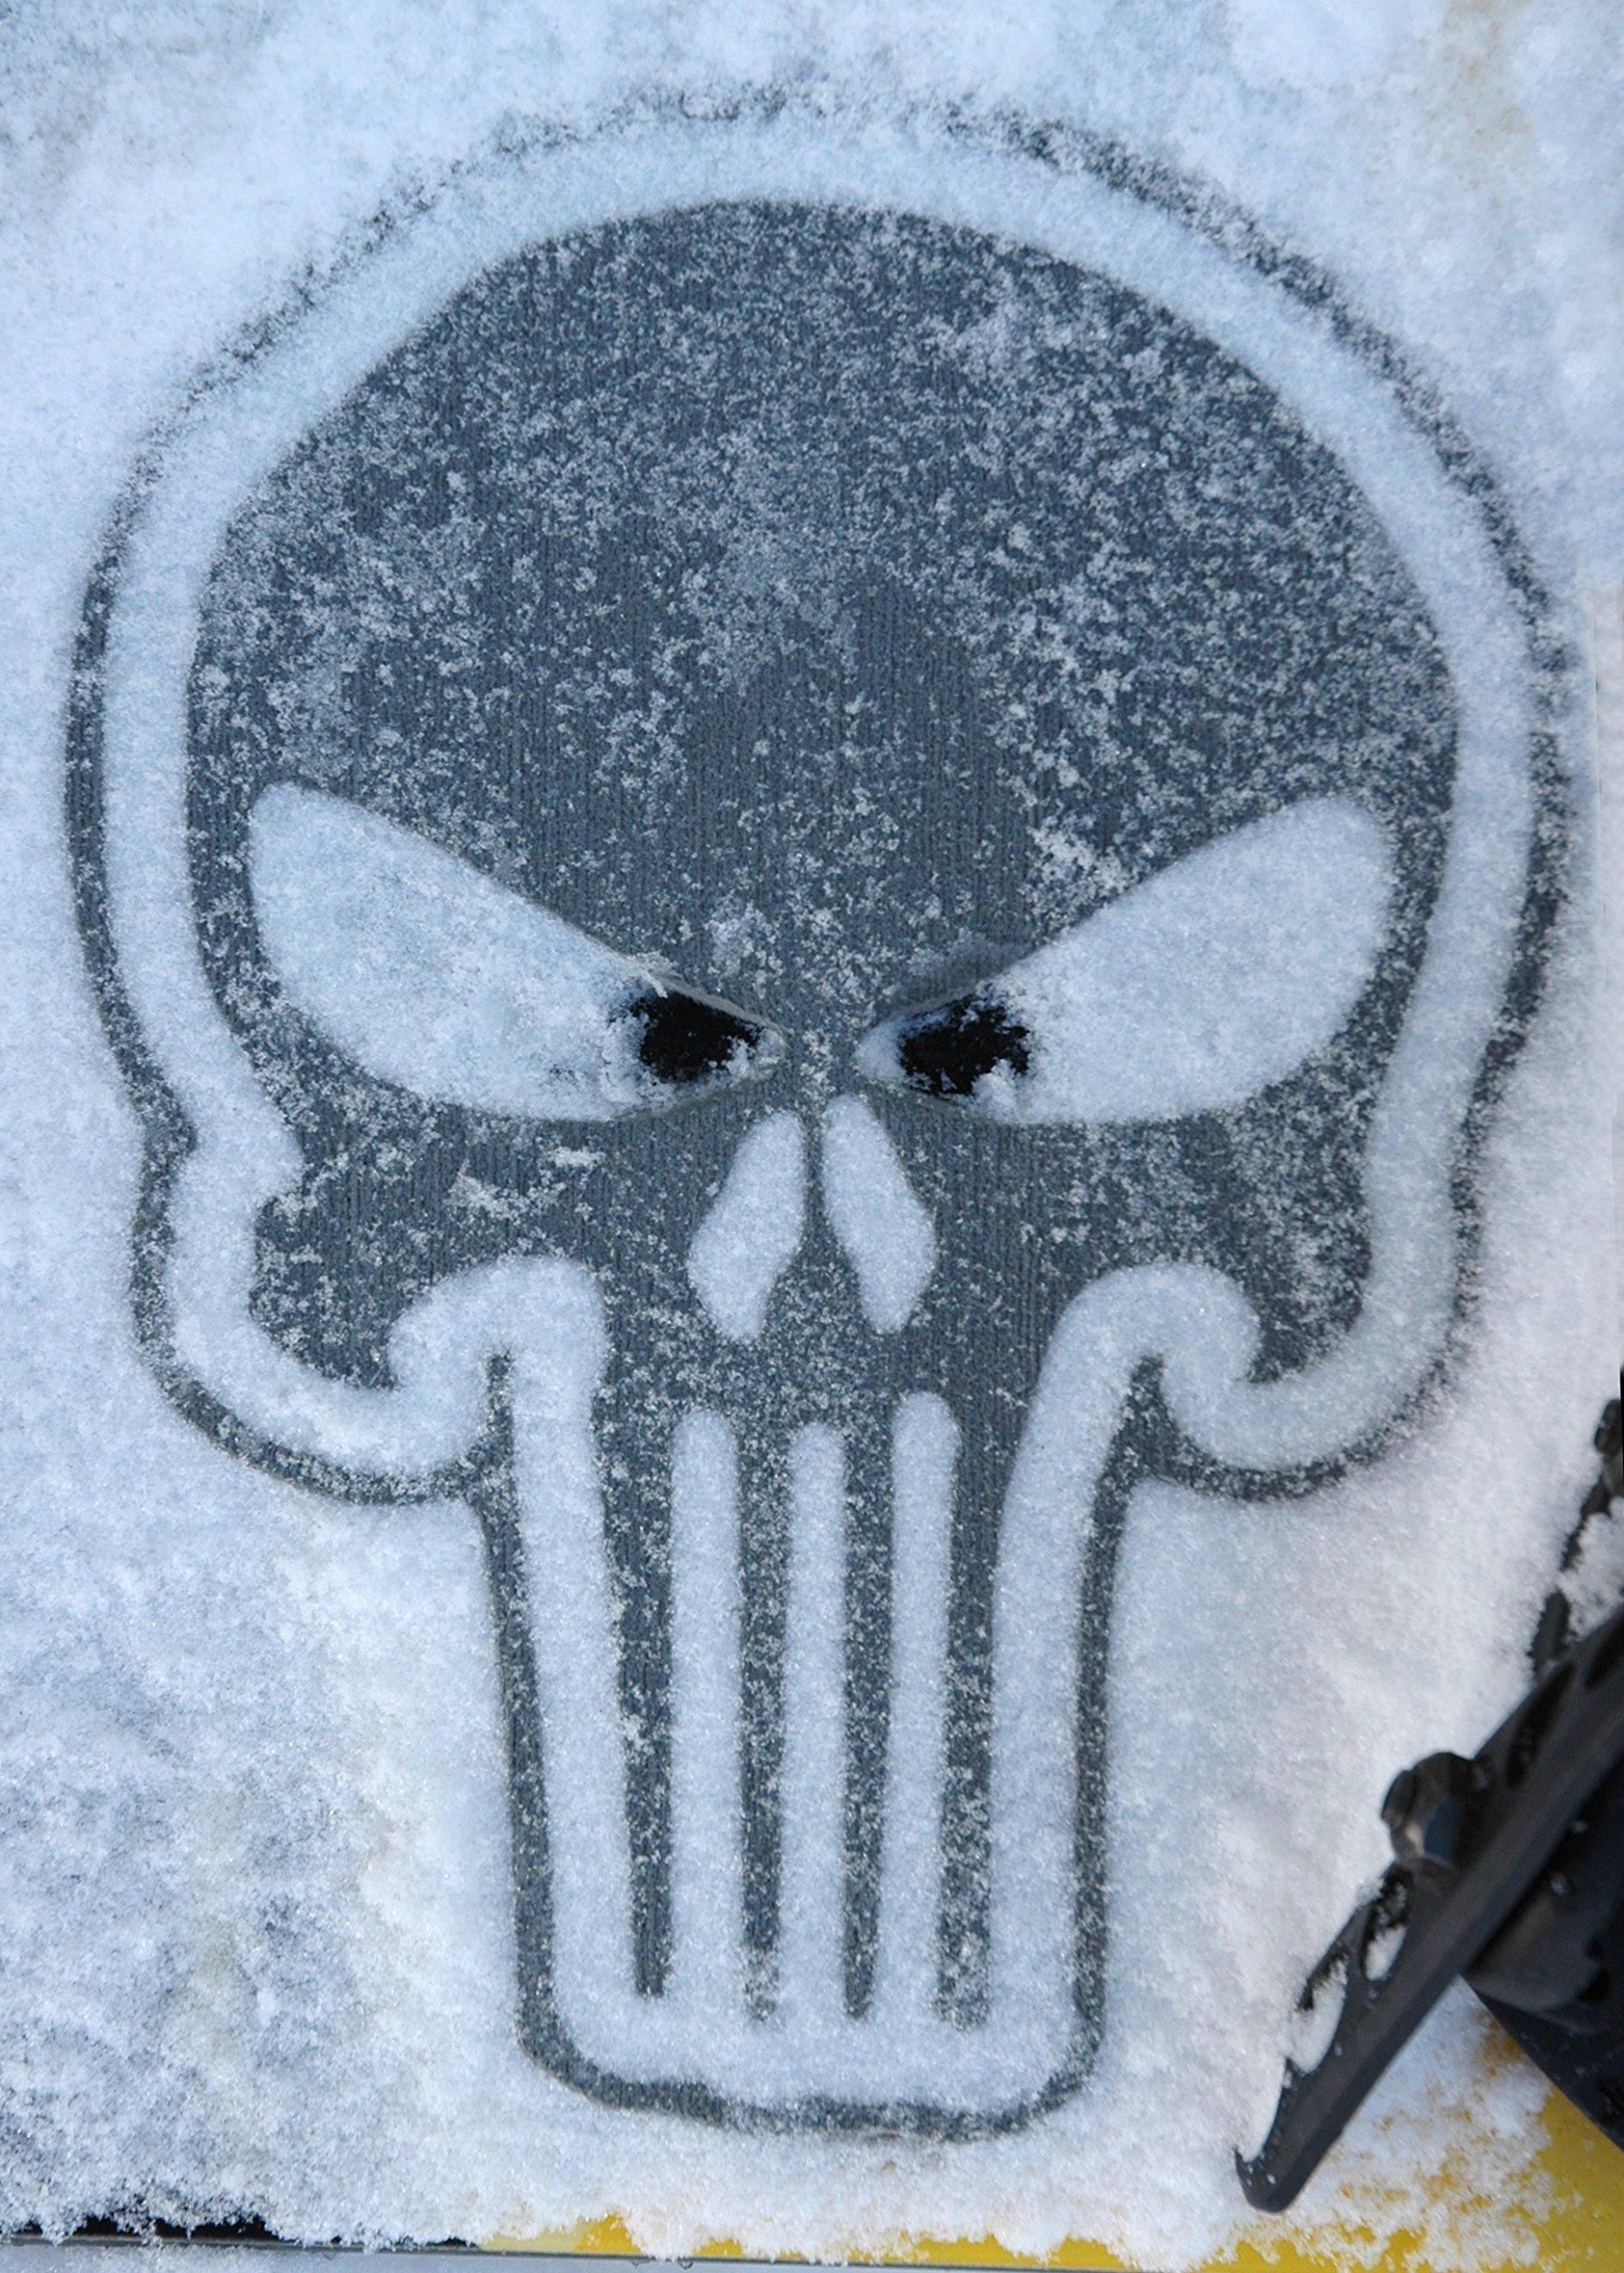 Toejamr Snowboard Stomp Pad Sniper Skull Gray